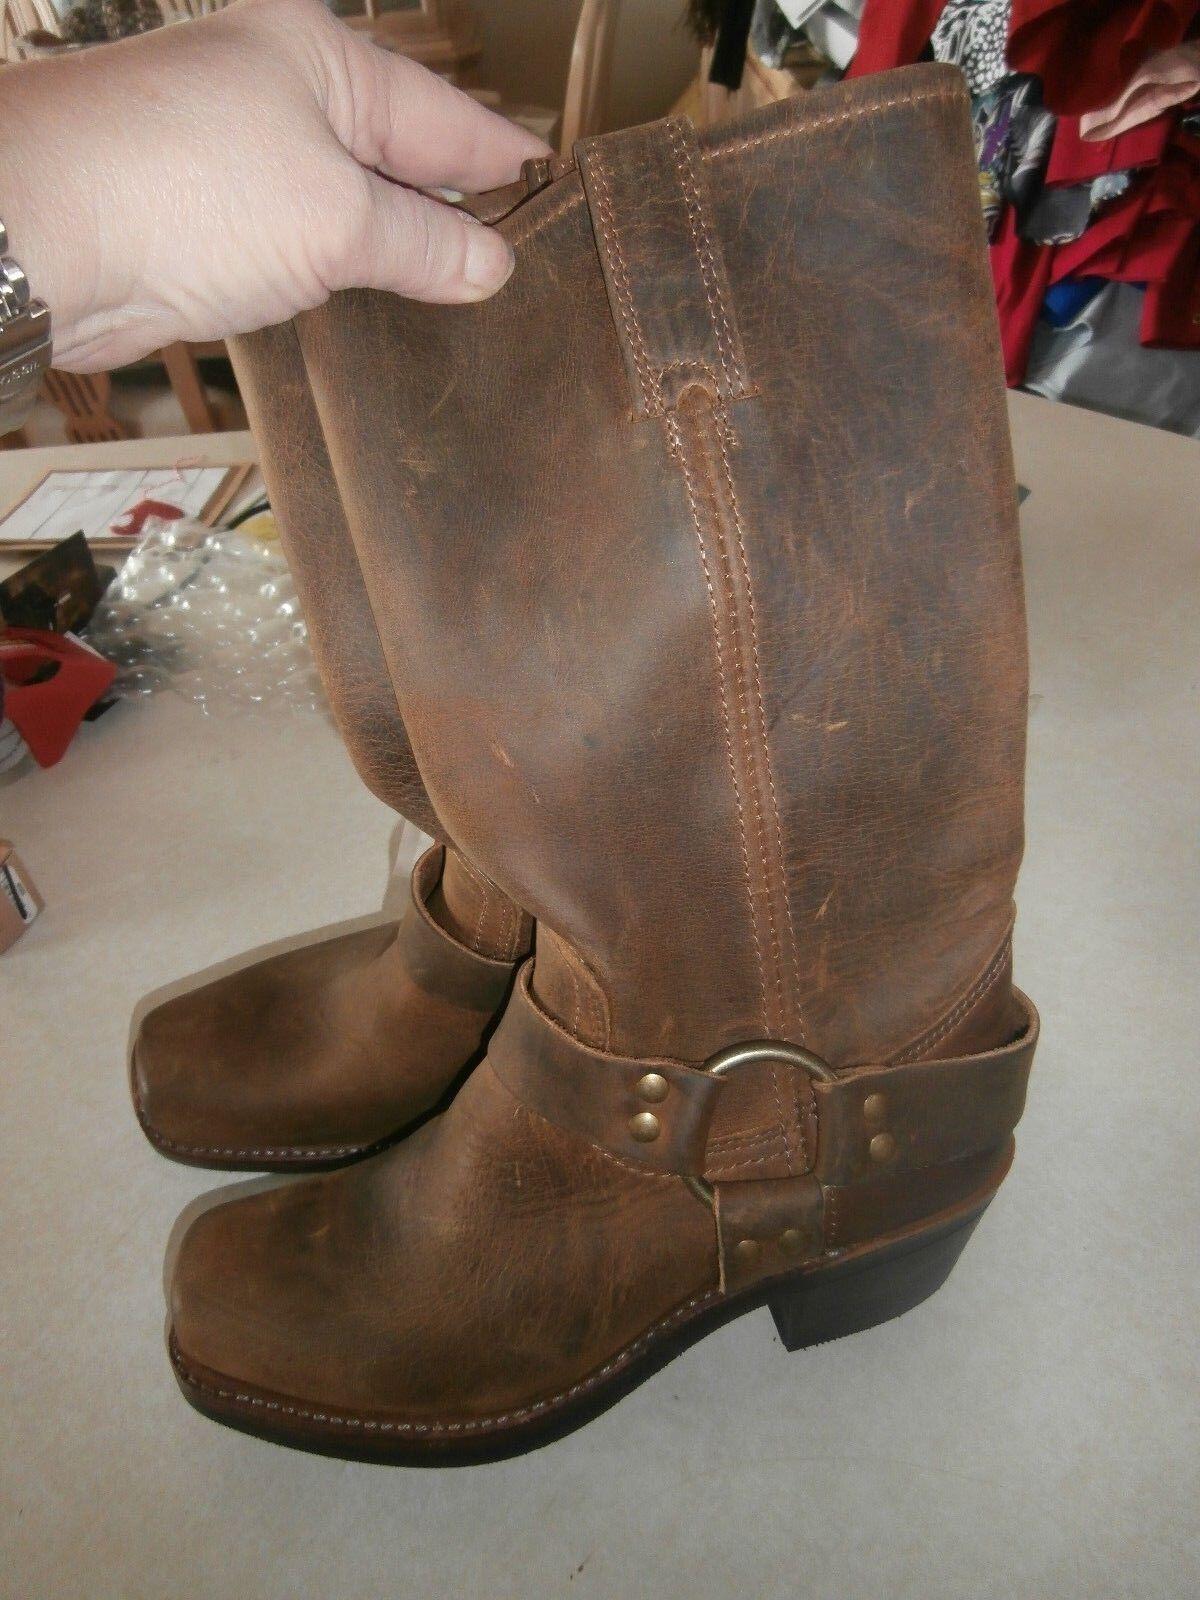 Au  friggere gli stivali bruno 6.5 m  si affrettò a vedere